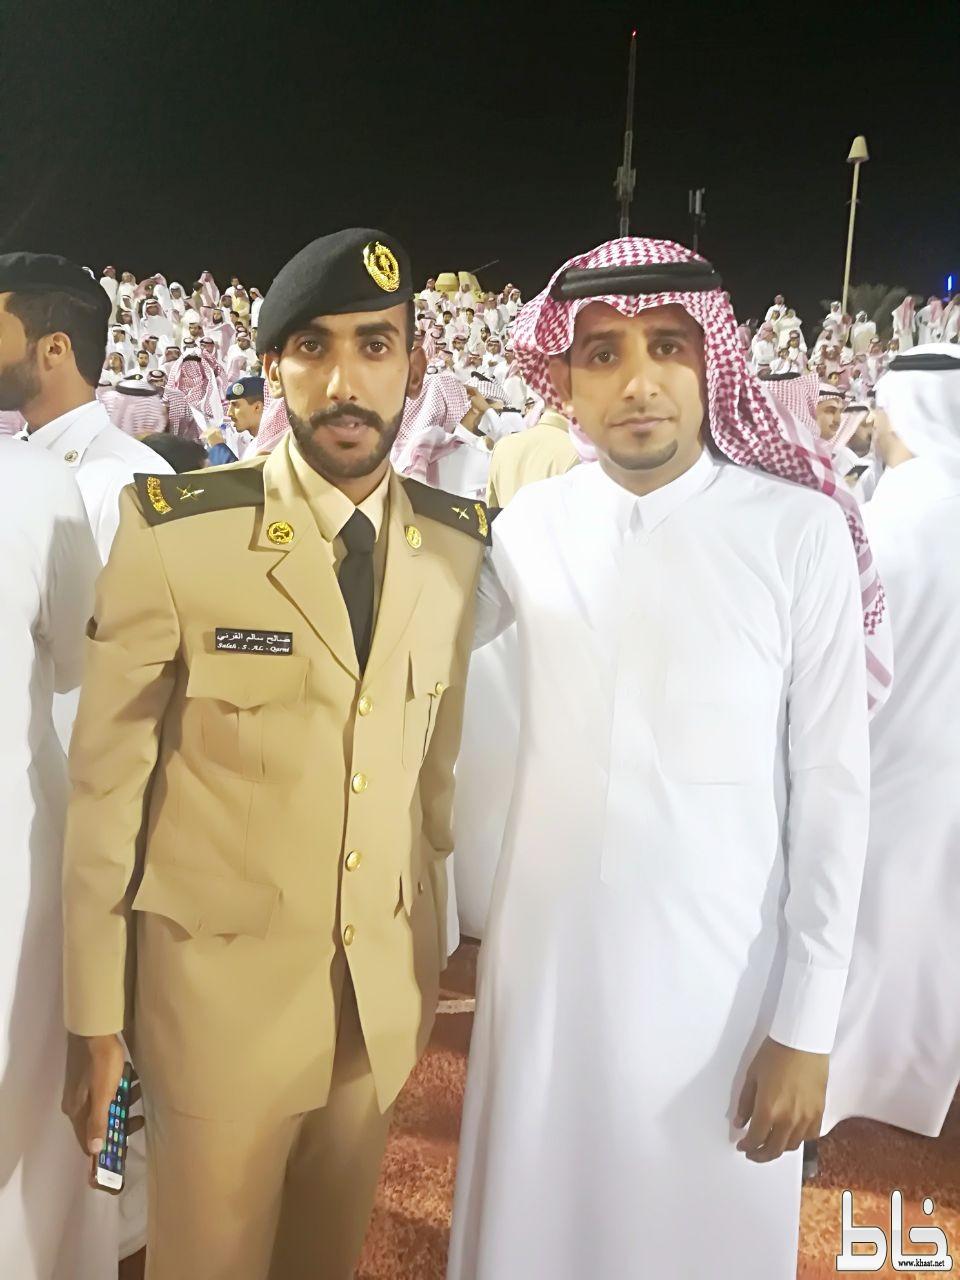 صالح القرني يحتفل بتخرجه من كلية الملك عبدالعزيز الحربية